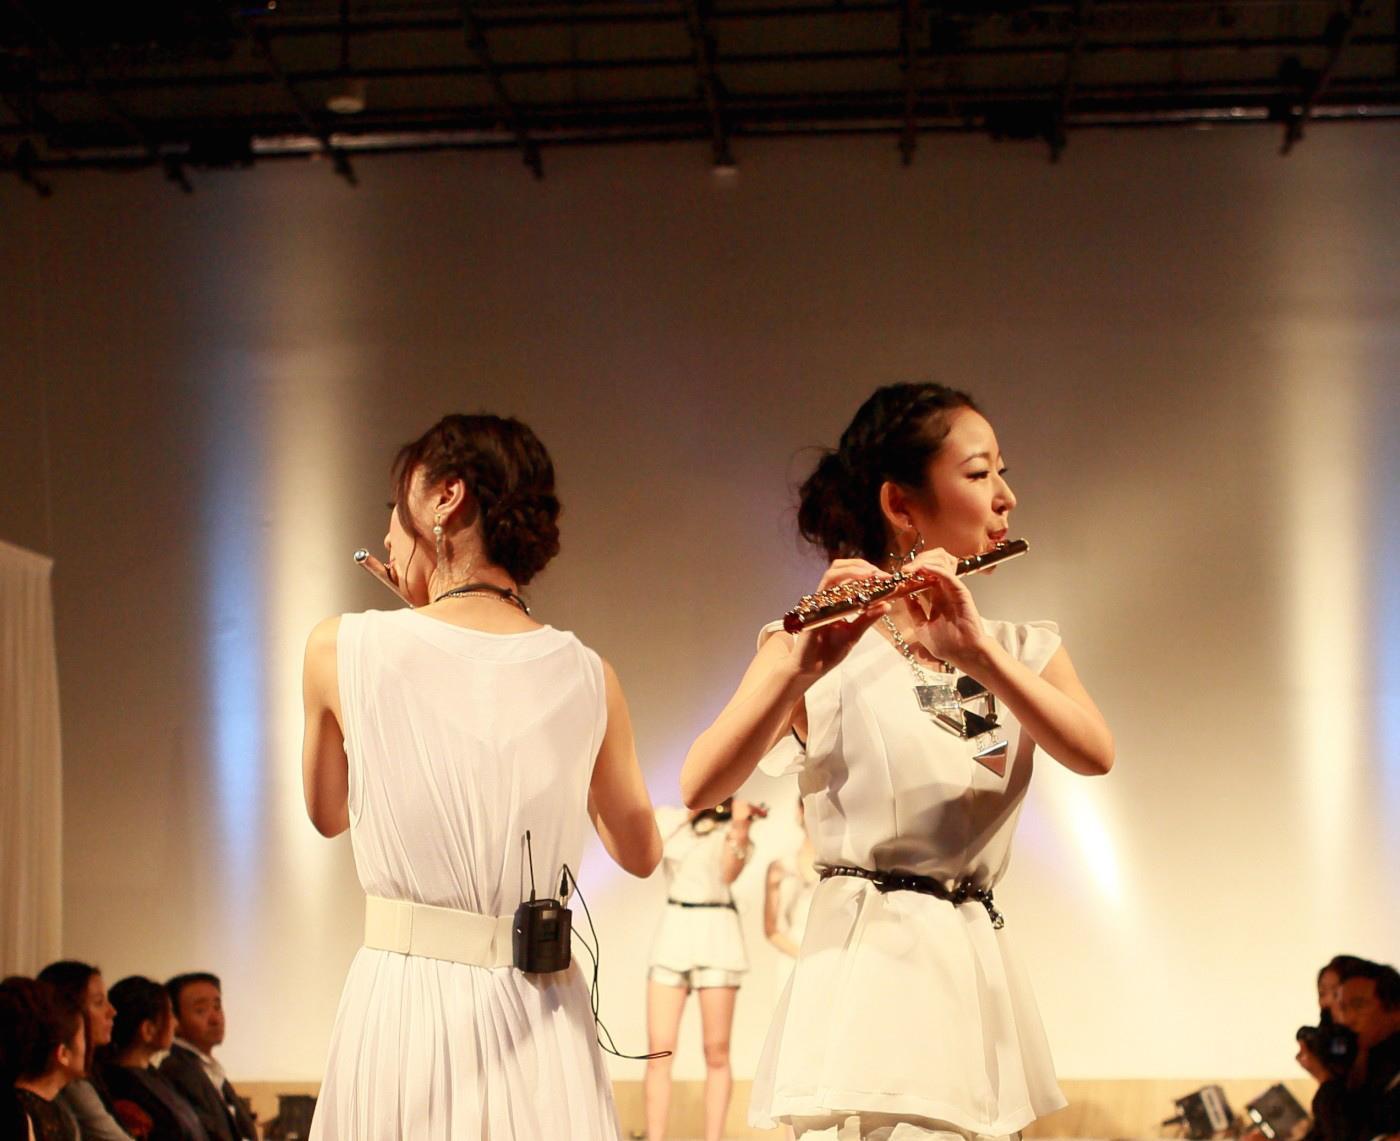 会場を盛り上げる演奏 MUSISTAR (ミュージスター)